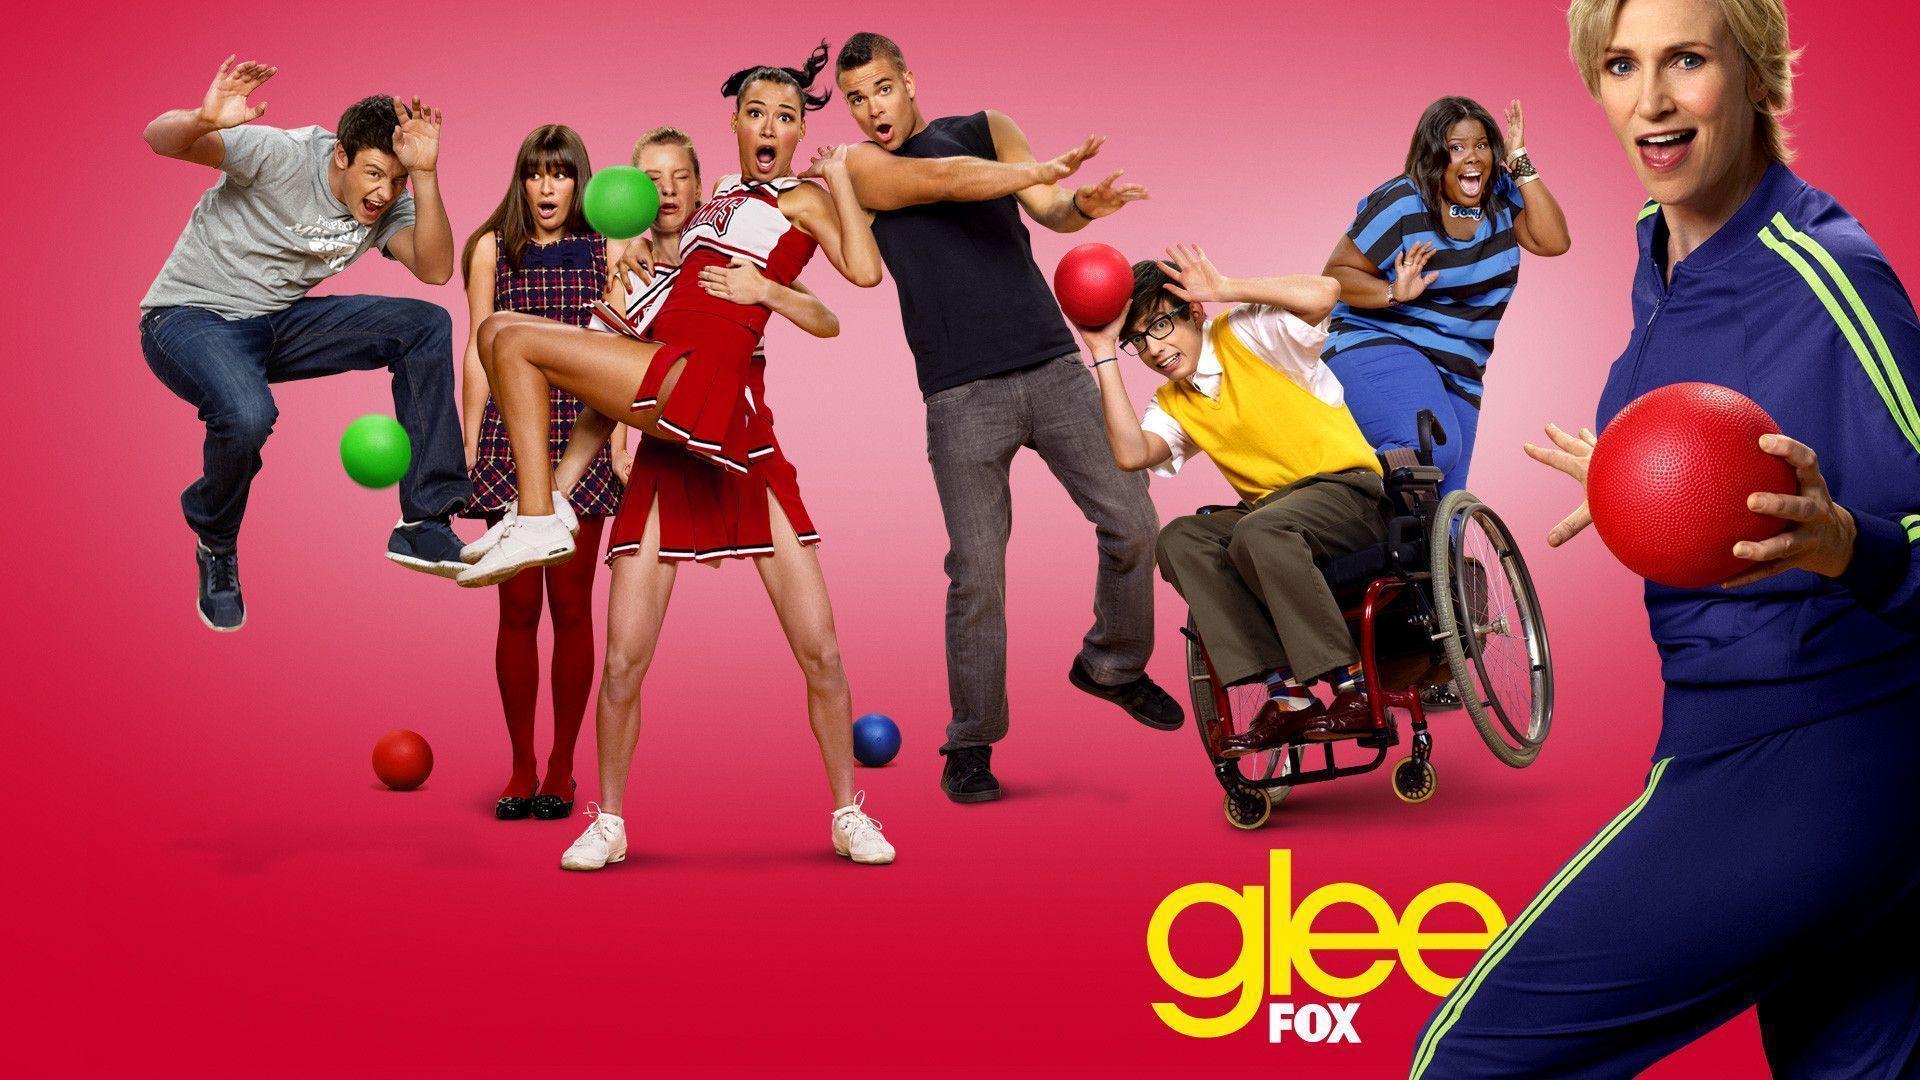 Glee Desktop Wallpapers Wallpaper Cave